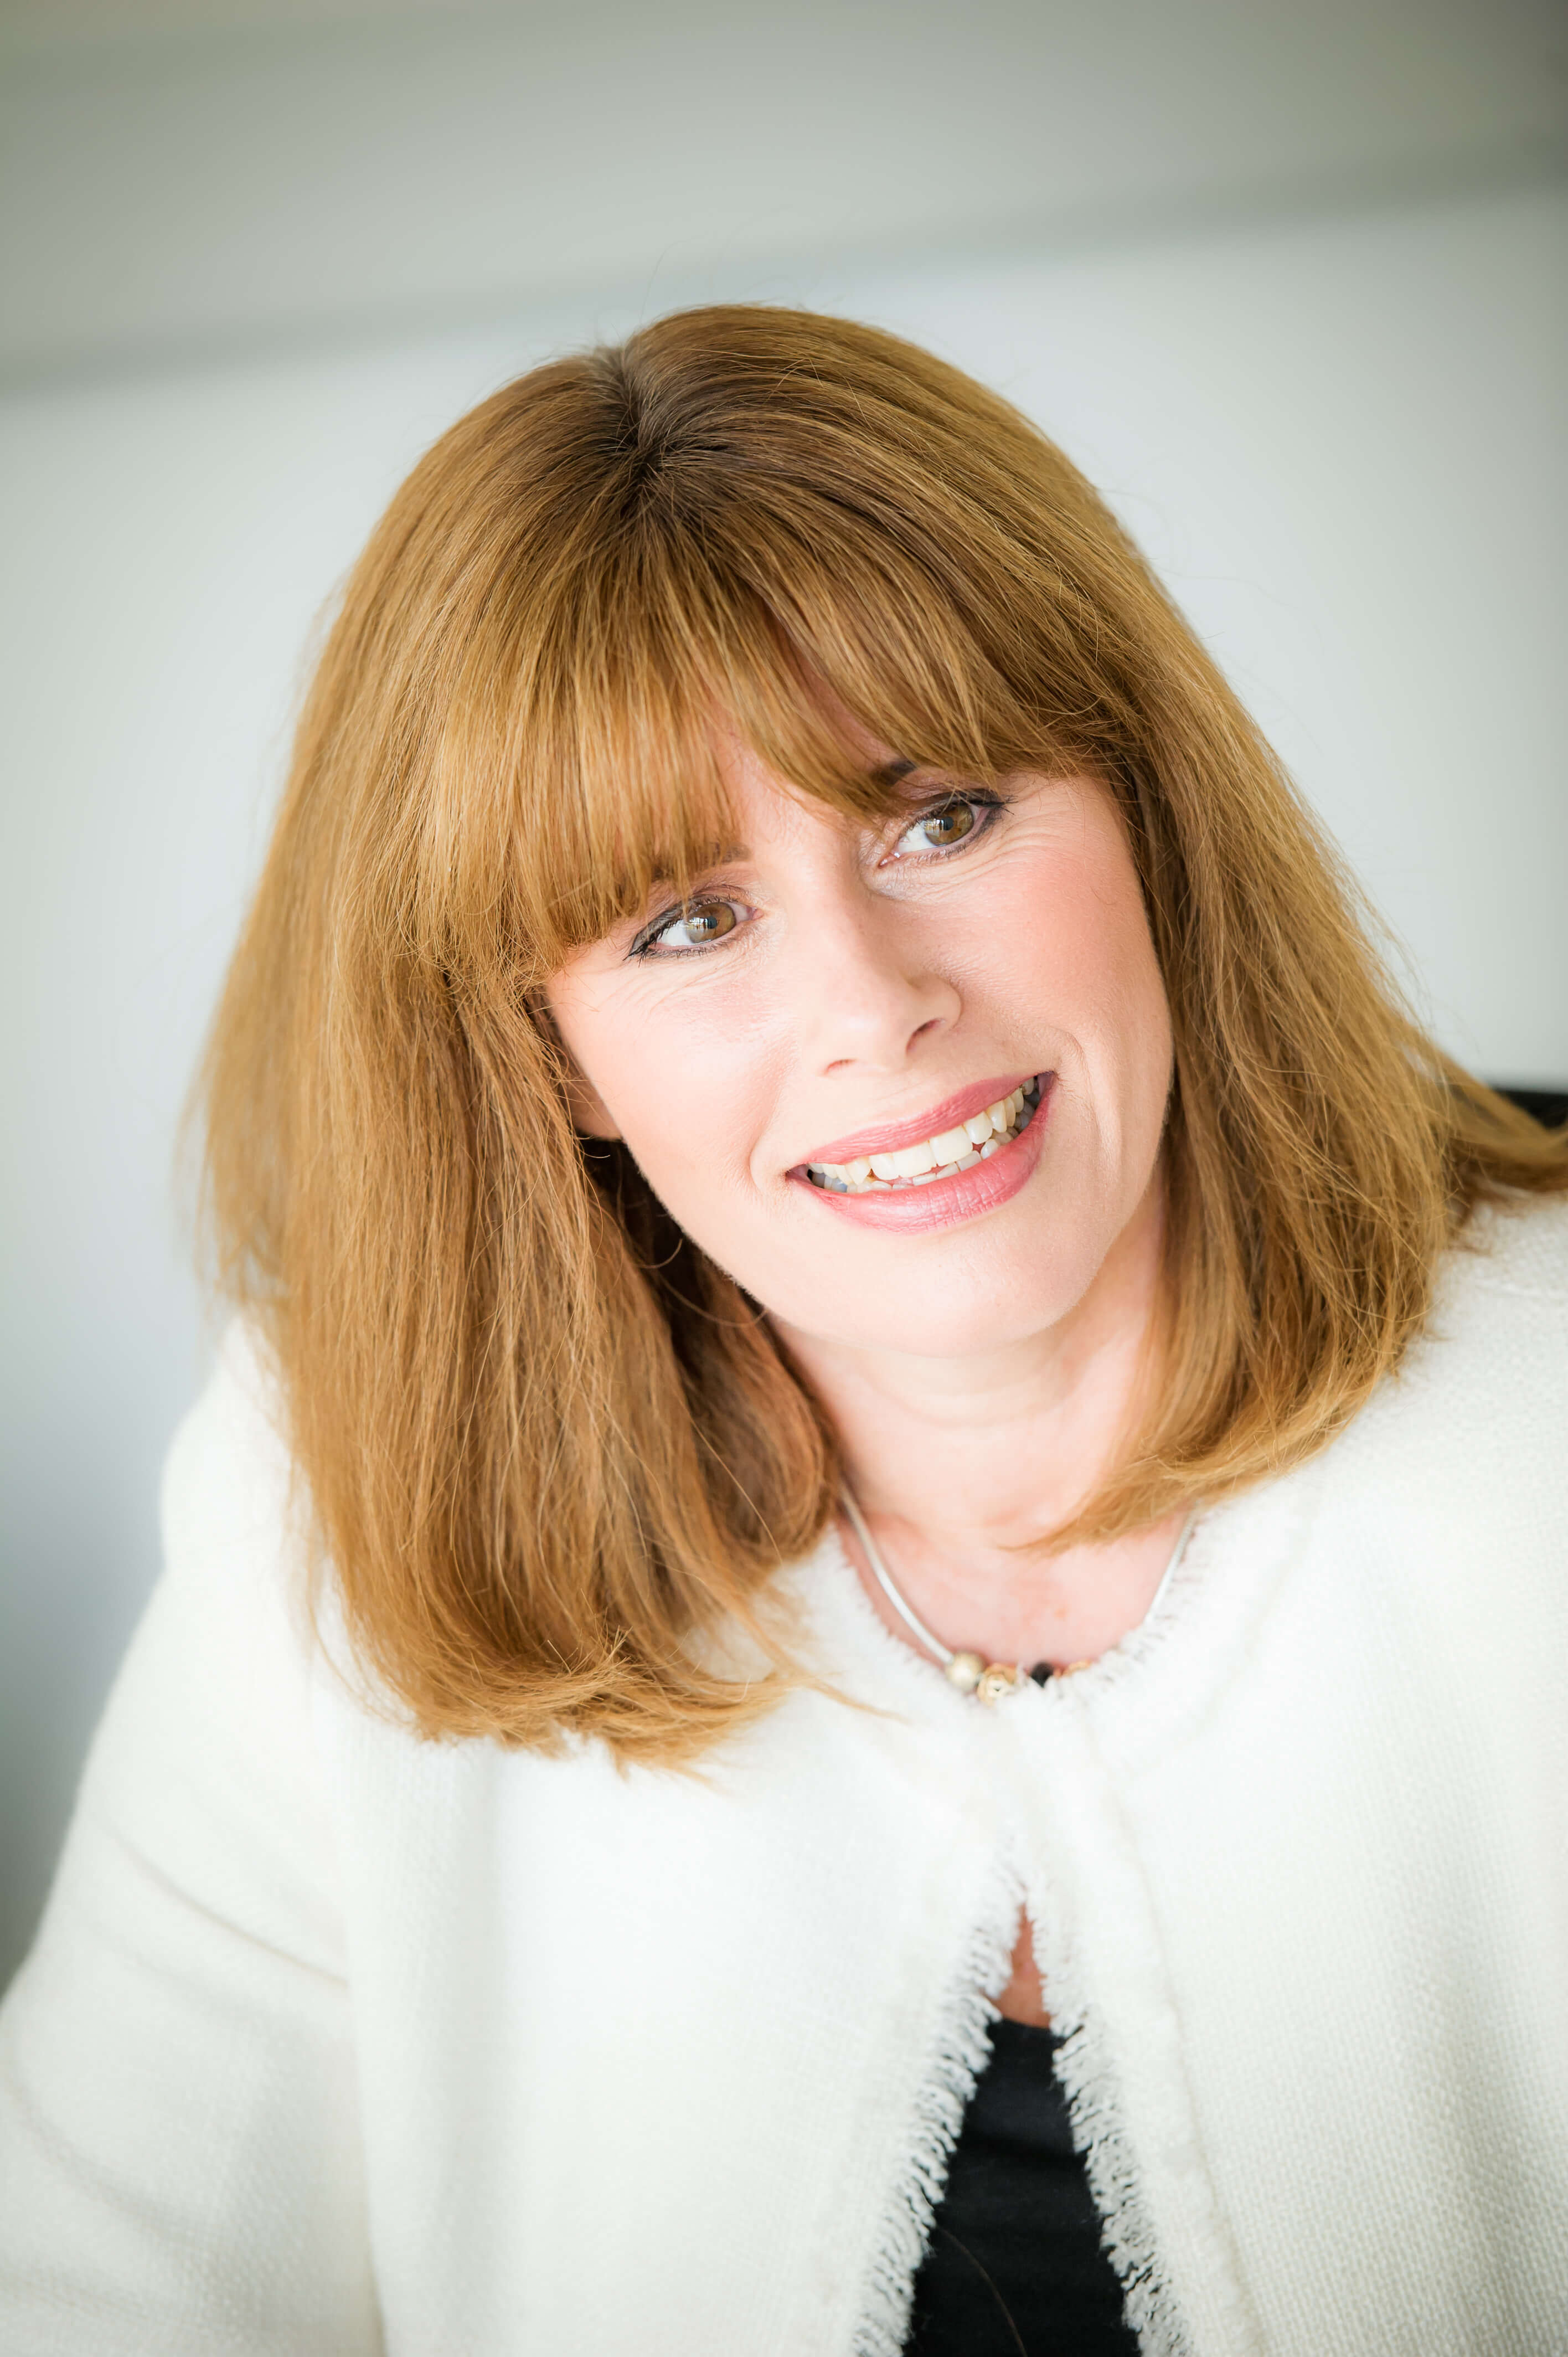 Joanne Phoenix